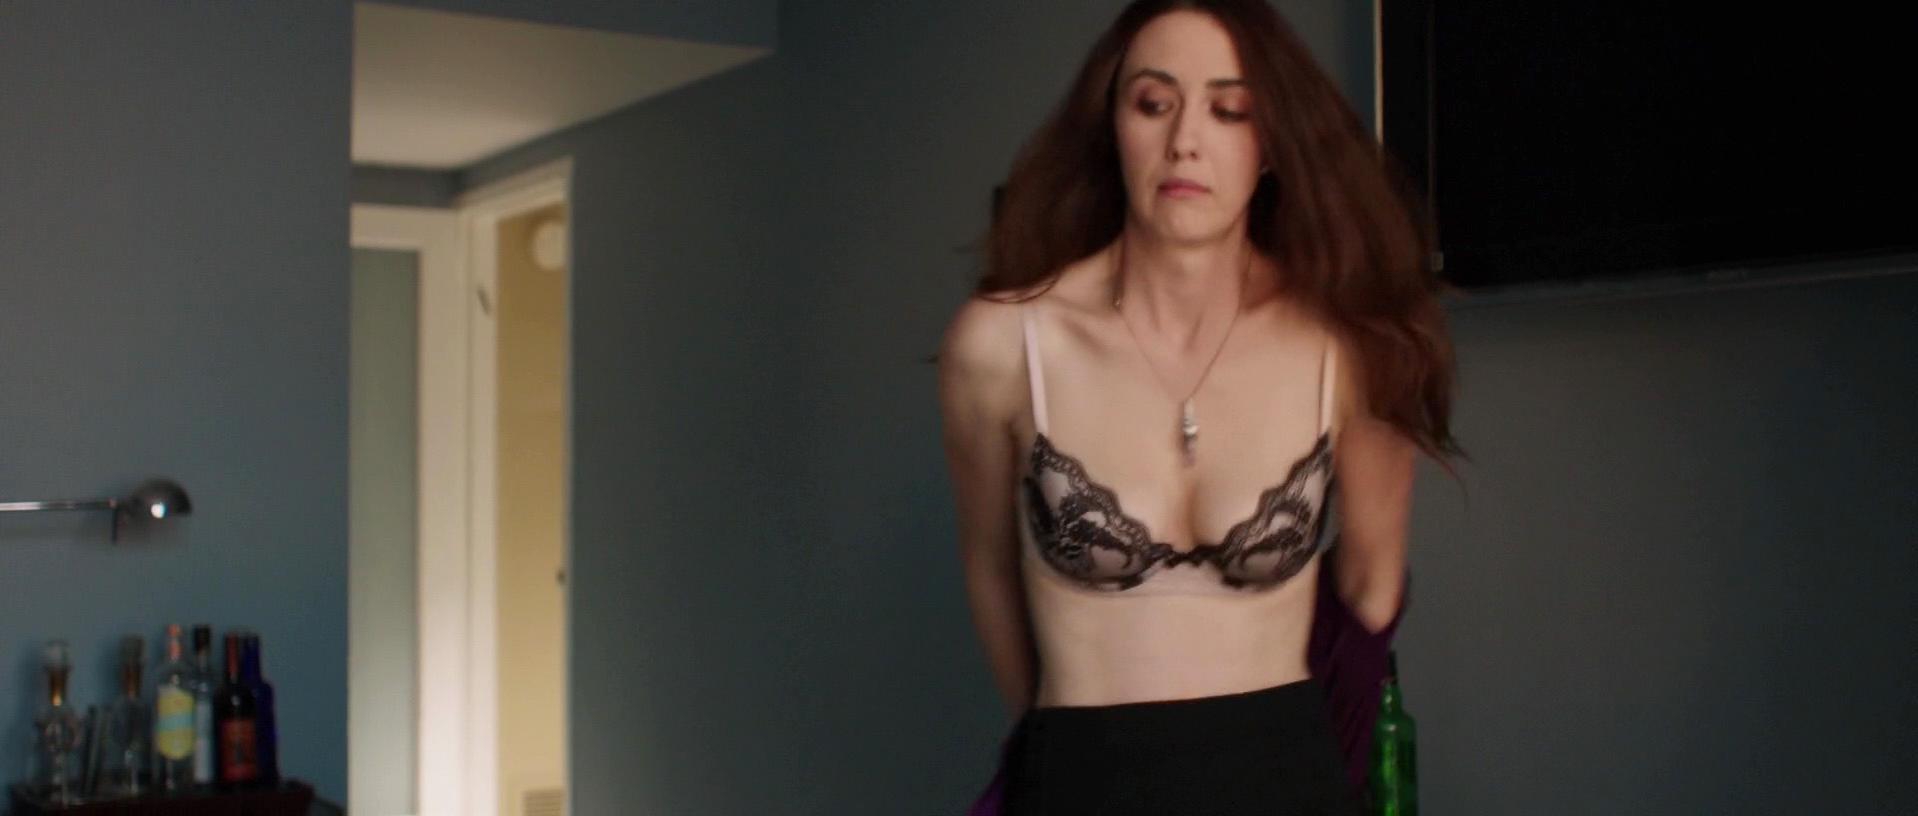 hot nude sex punishment video